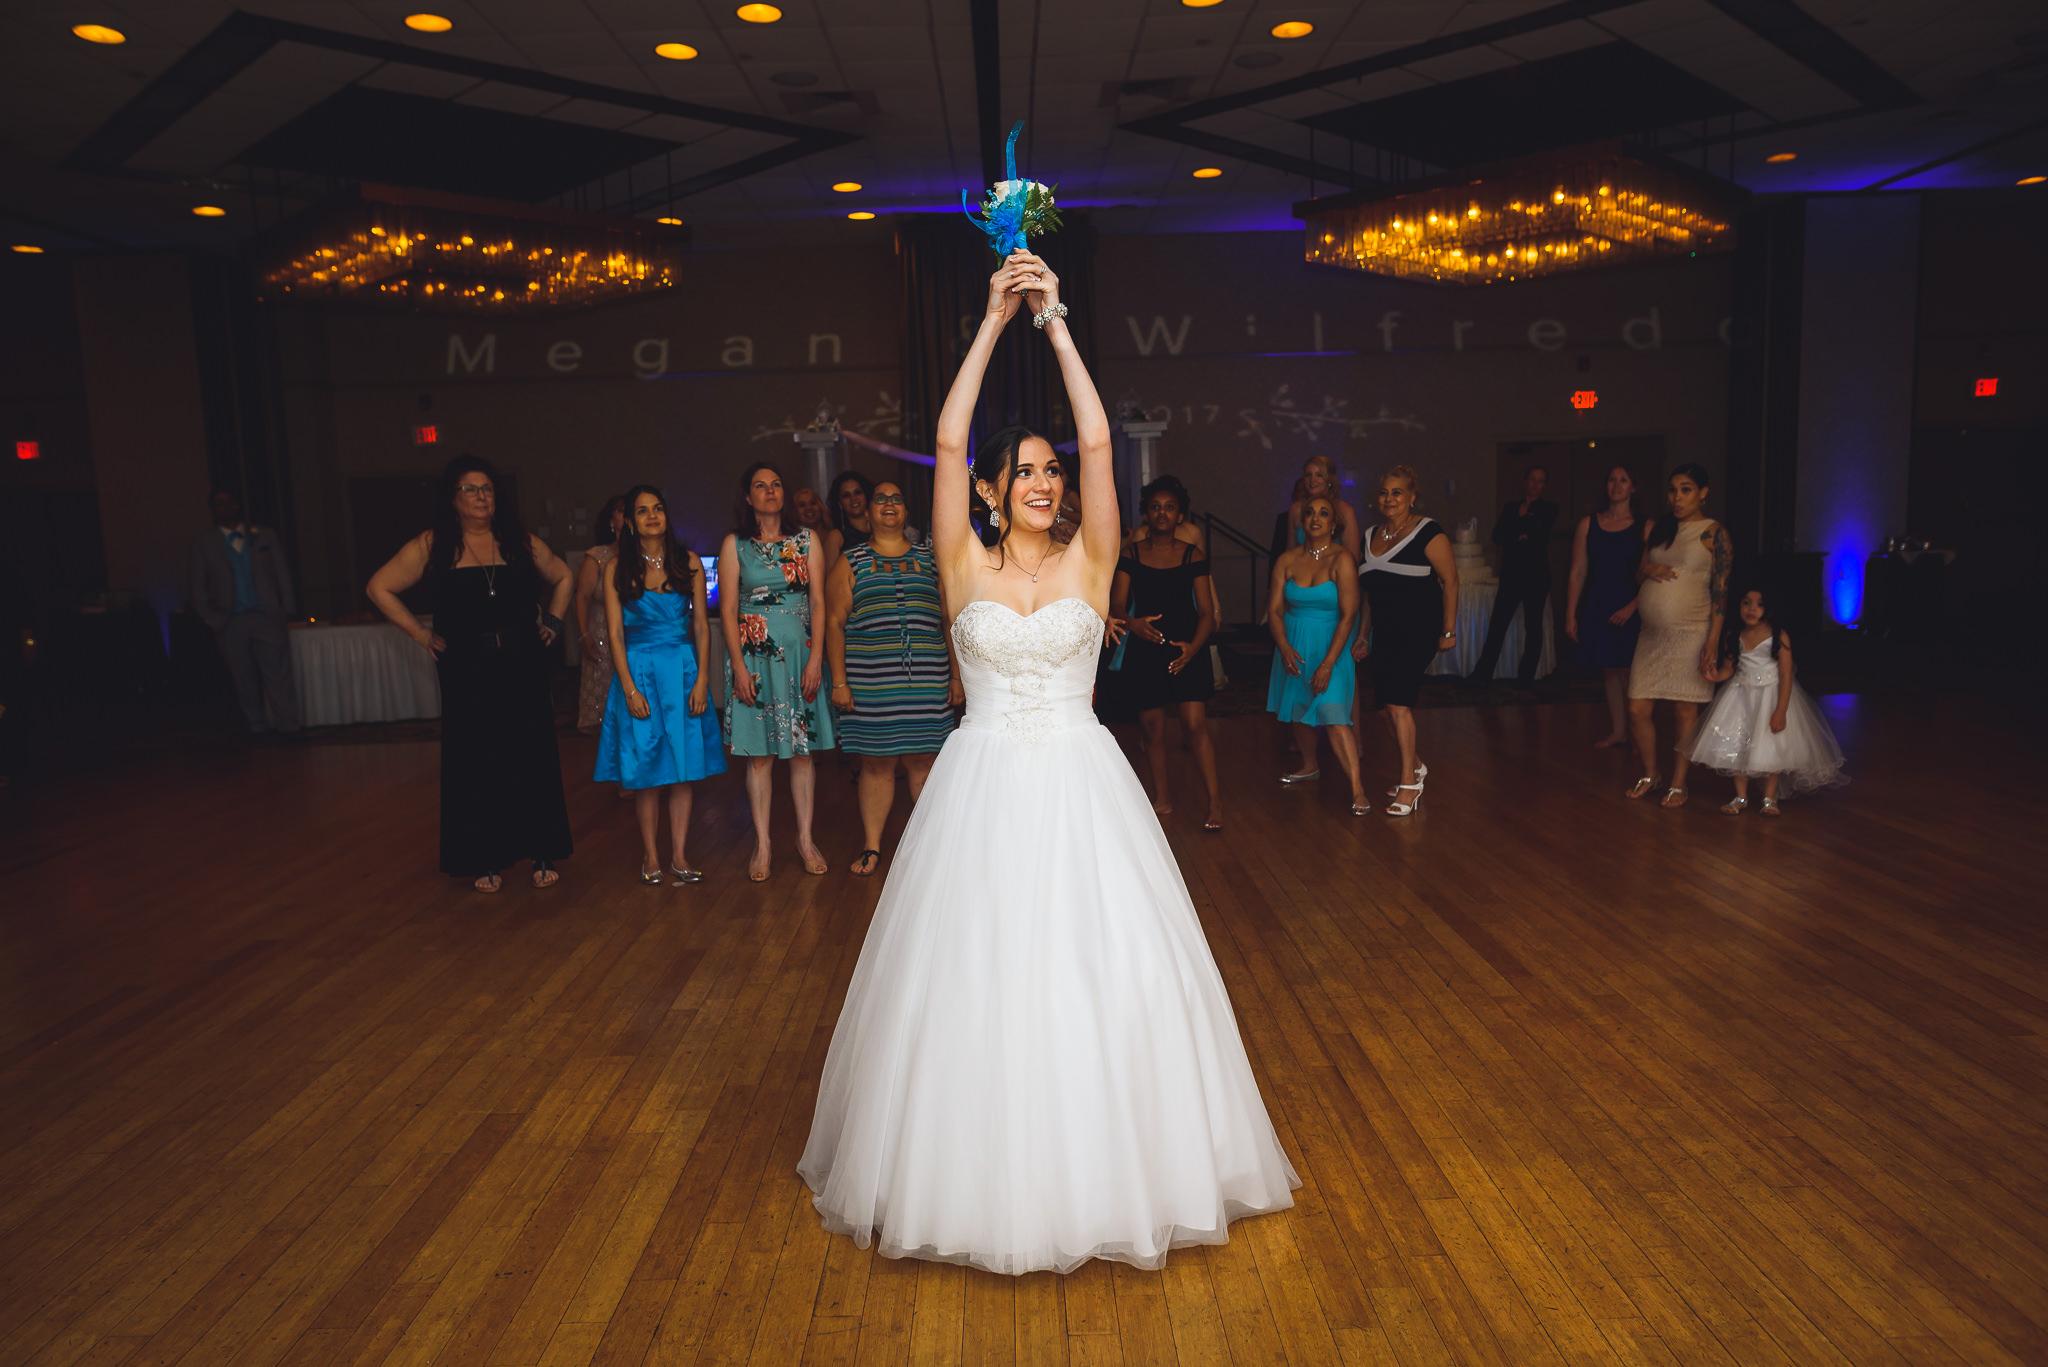 Megan-Will-Wedding-0052.jpg